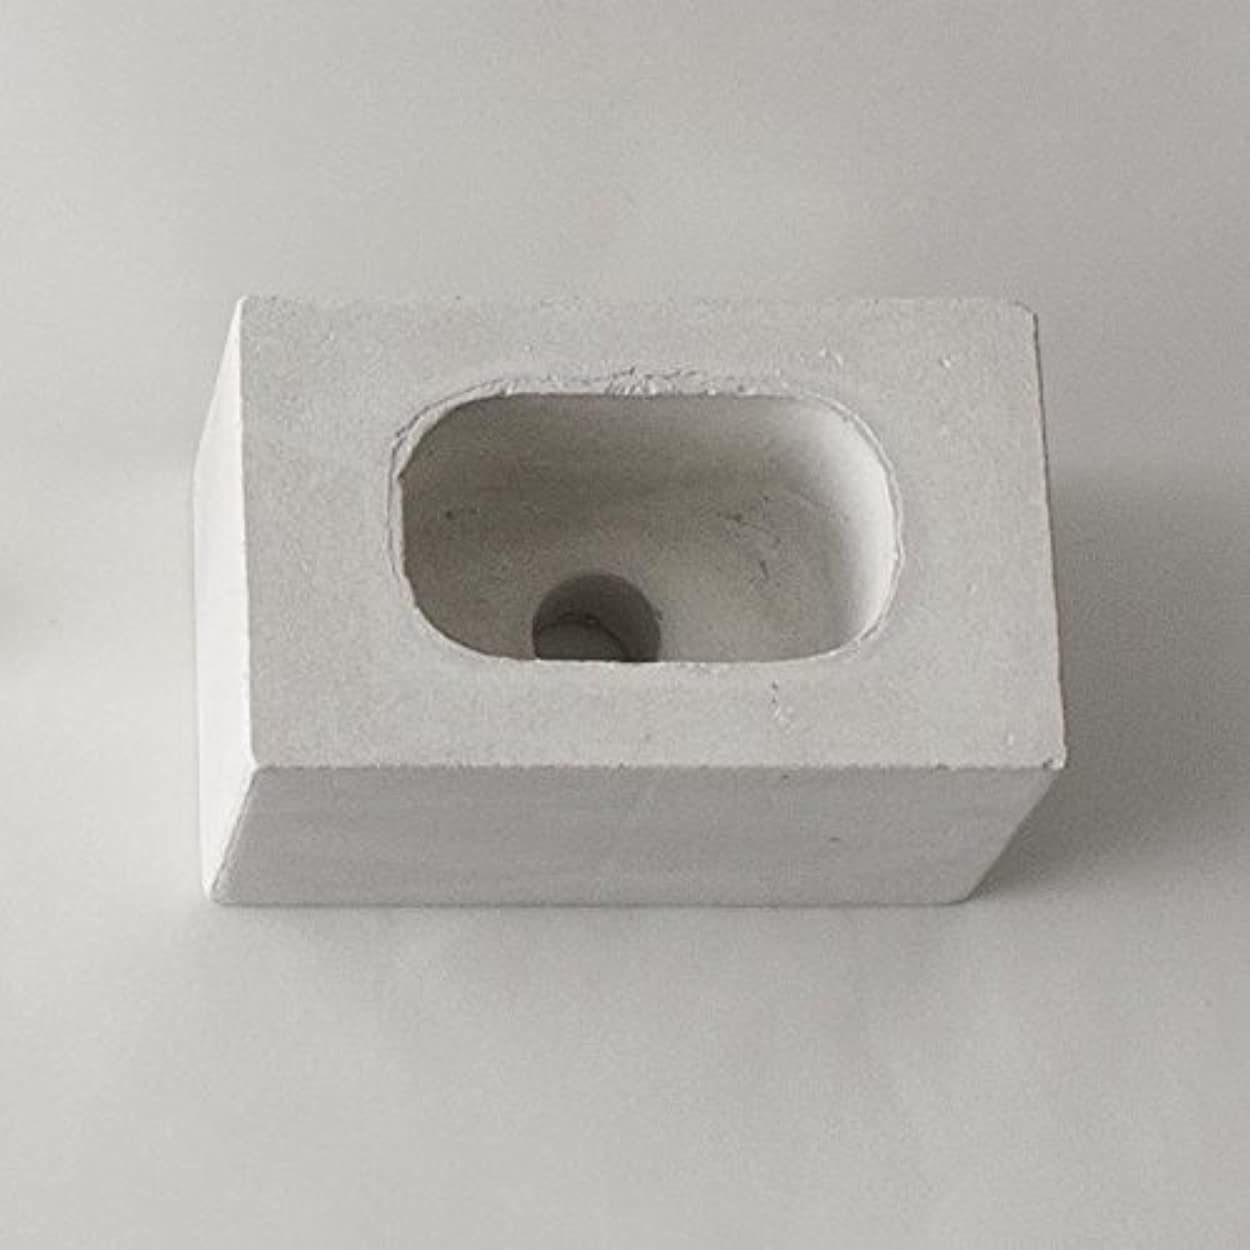 お願いします曇った有利ar003wh/パーツ販売?b2c ブリック用 コンクリートパーツ(スクエア)《ホワイト》| 芳香剤 ルームフレグランス リードディフューザー アロマ ディフューザー